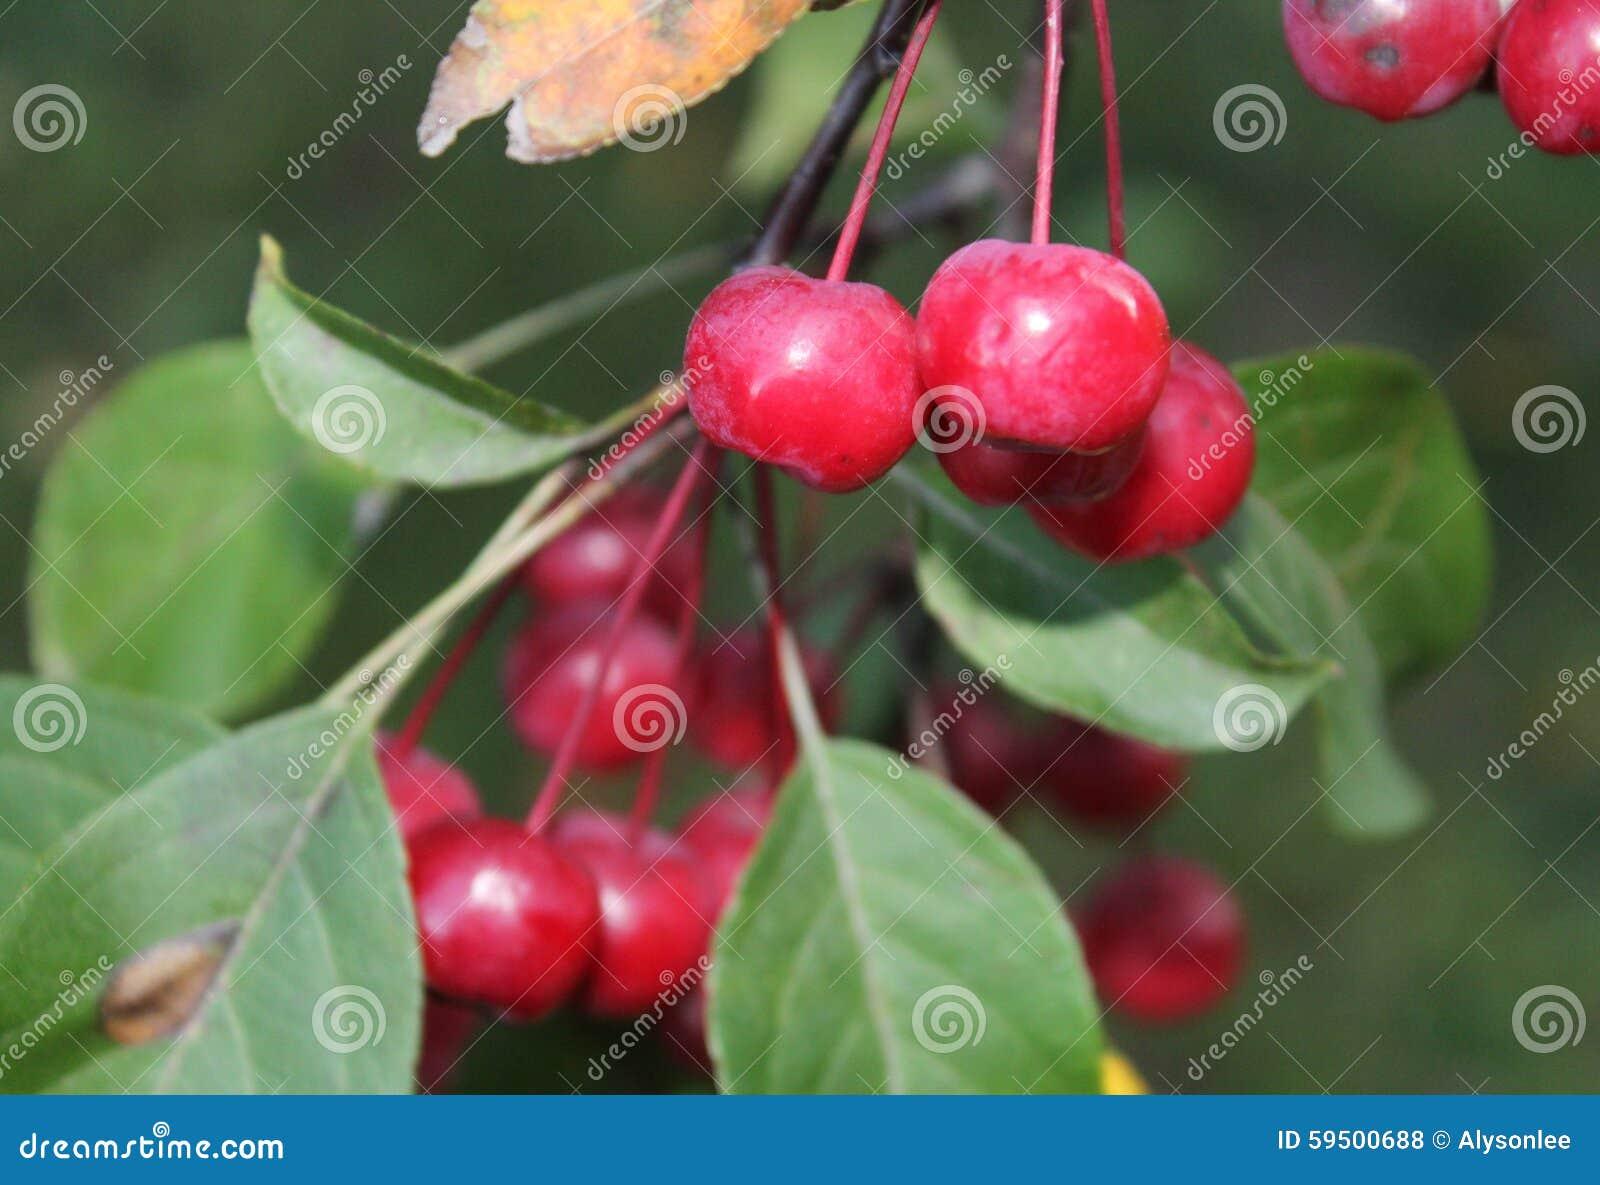 kleiner apfelbaum im fall stockfoto bild von genommen 59500688. Black Bedroom Furniture Sets. Home Design Ideas